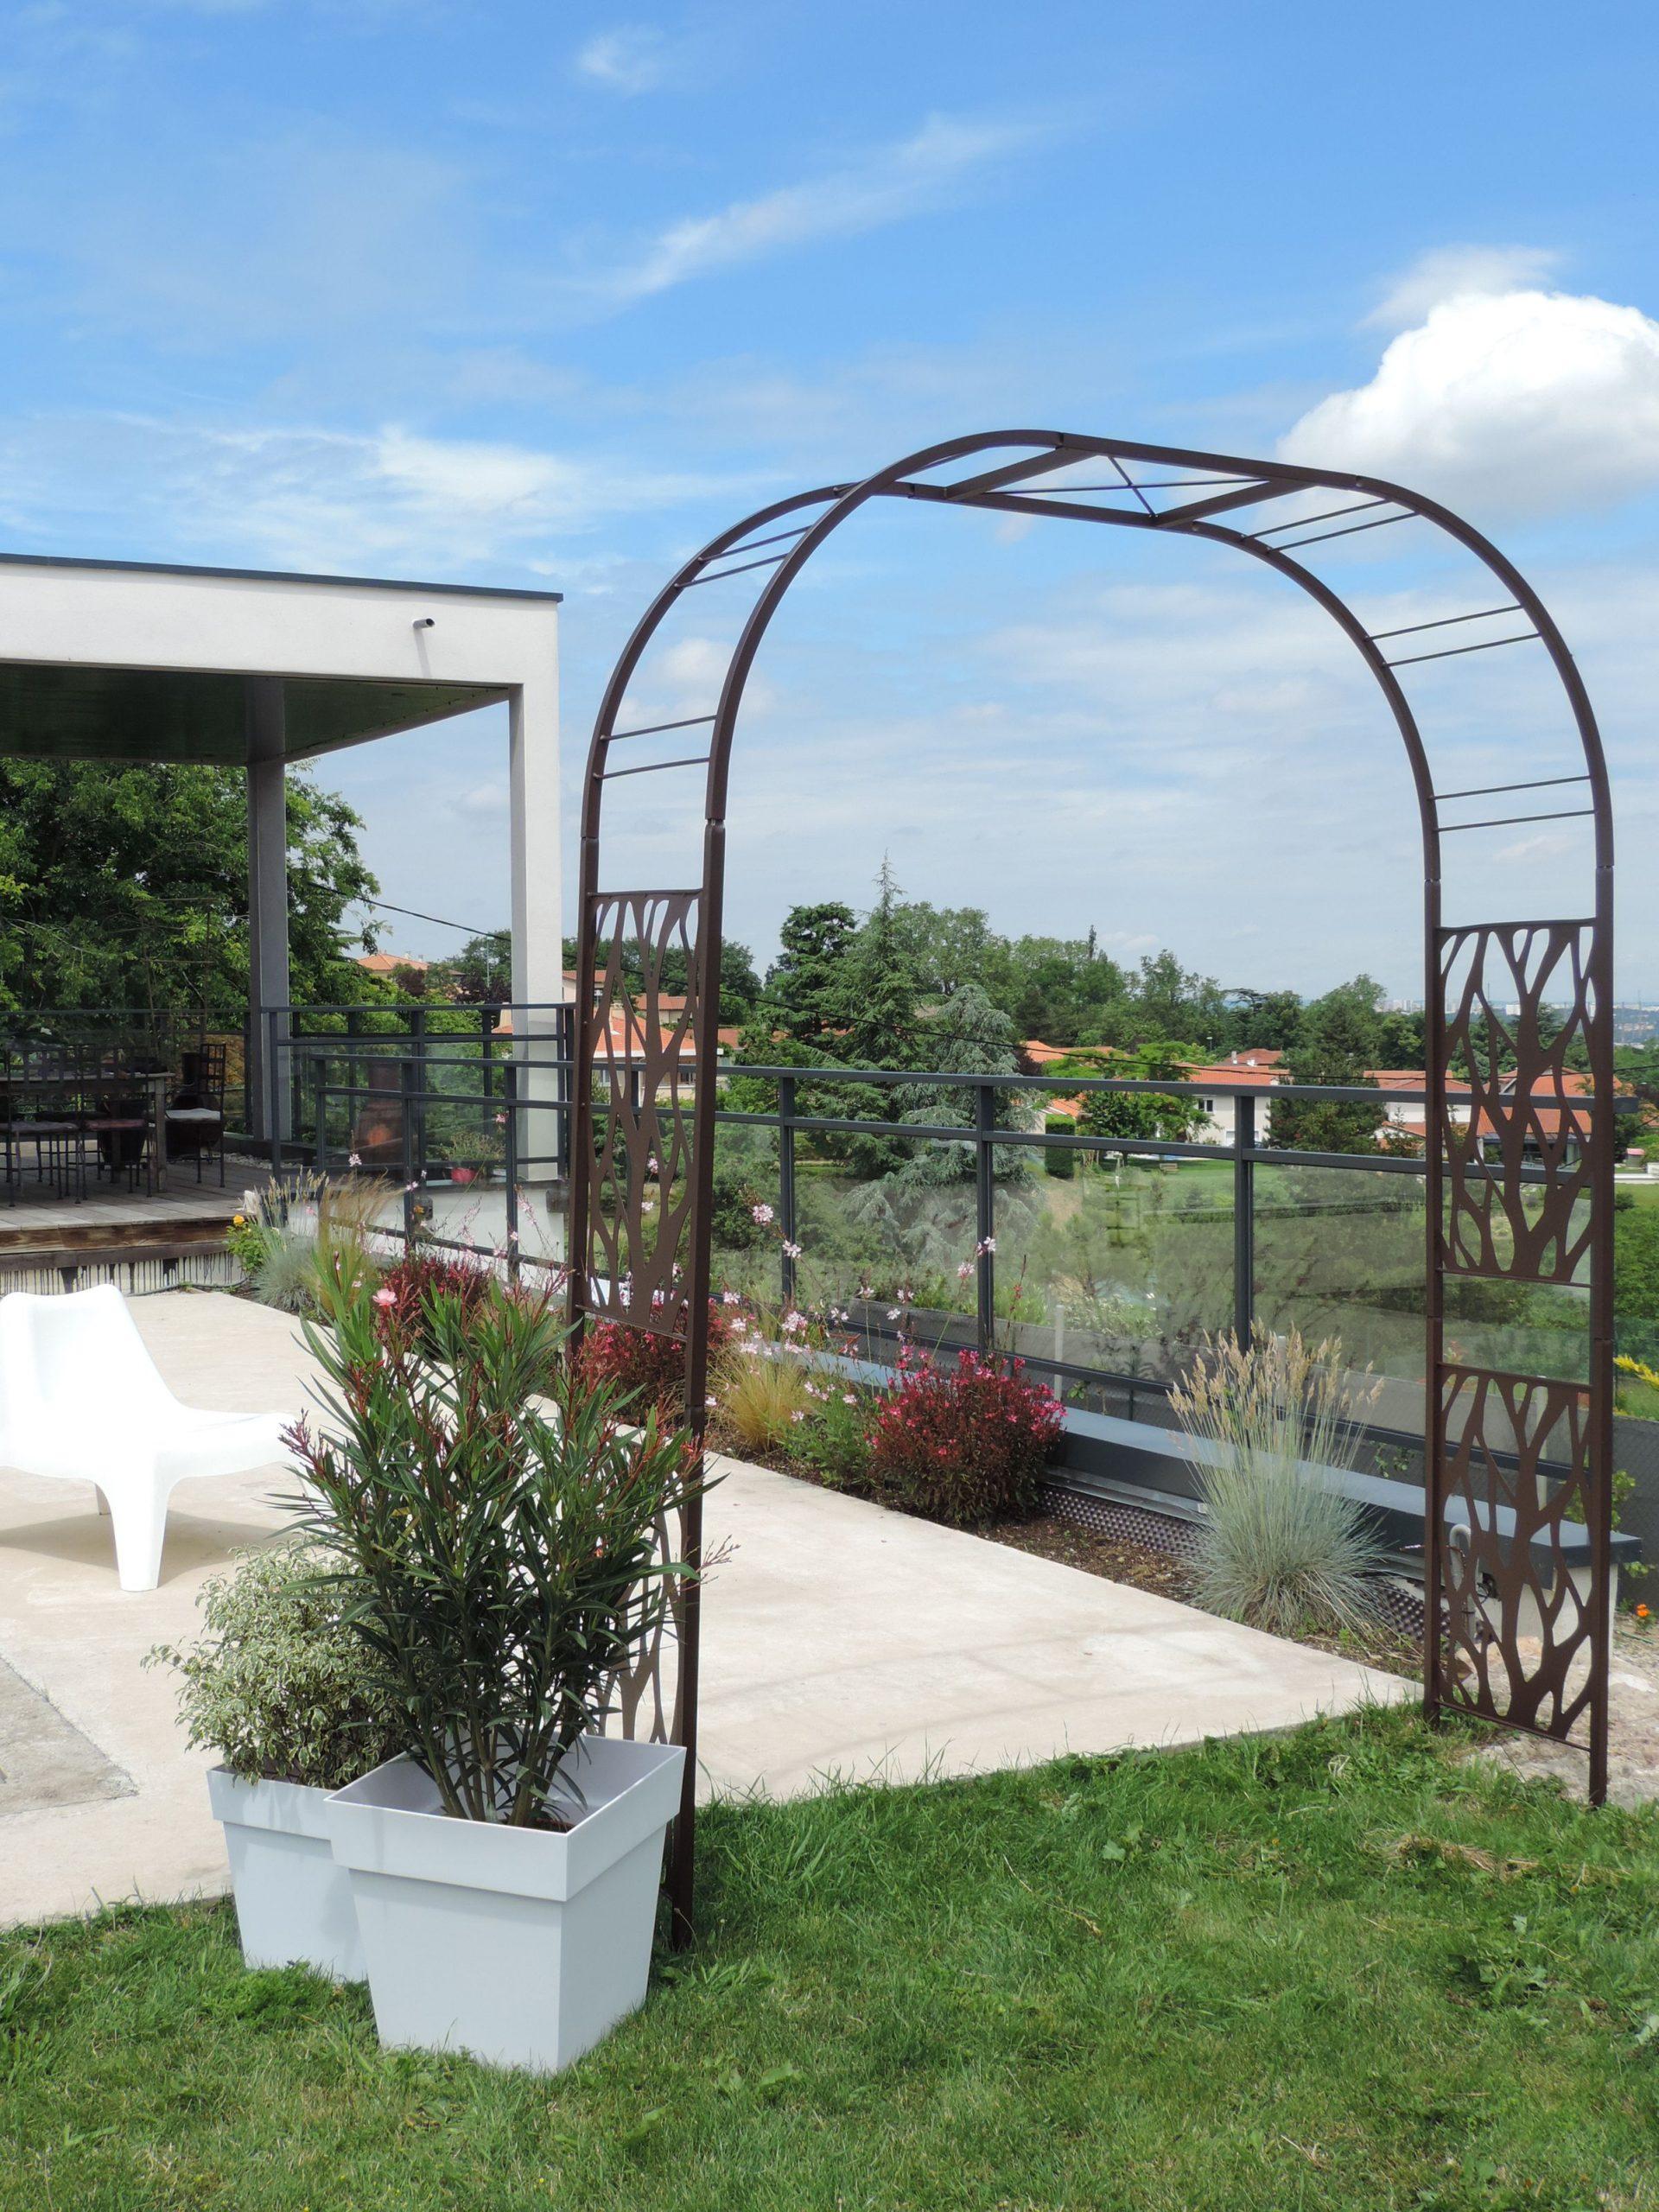 Cette Arche De Jardin, Double En Métal Au Design ... avec Arche Pour Jardin